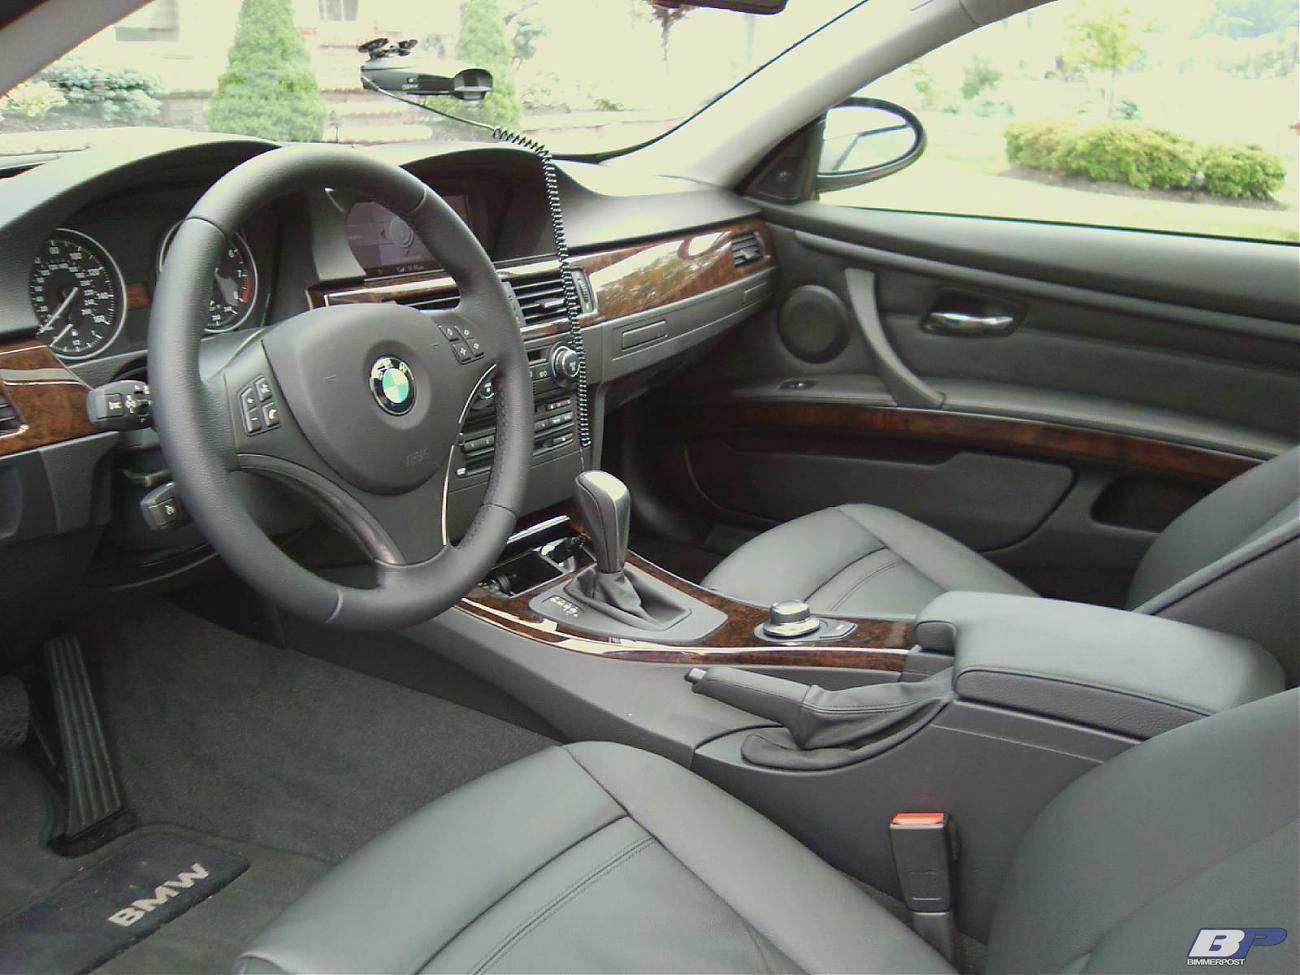 Milehigh5000s 2007 BMW 328i BIMMERPOST Garage